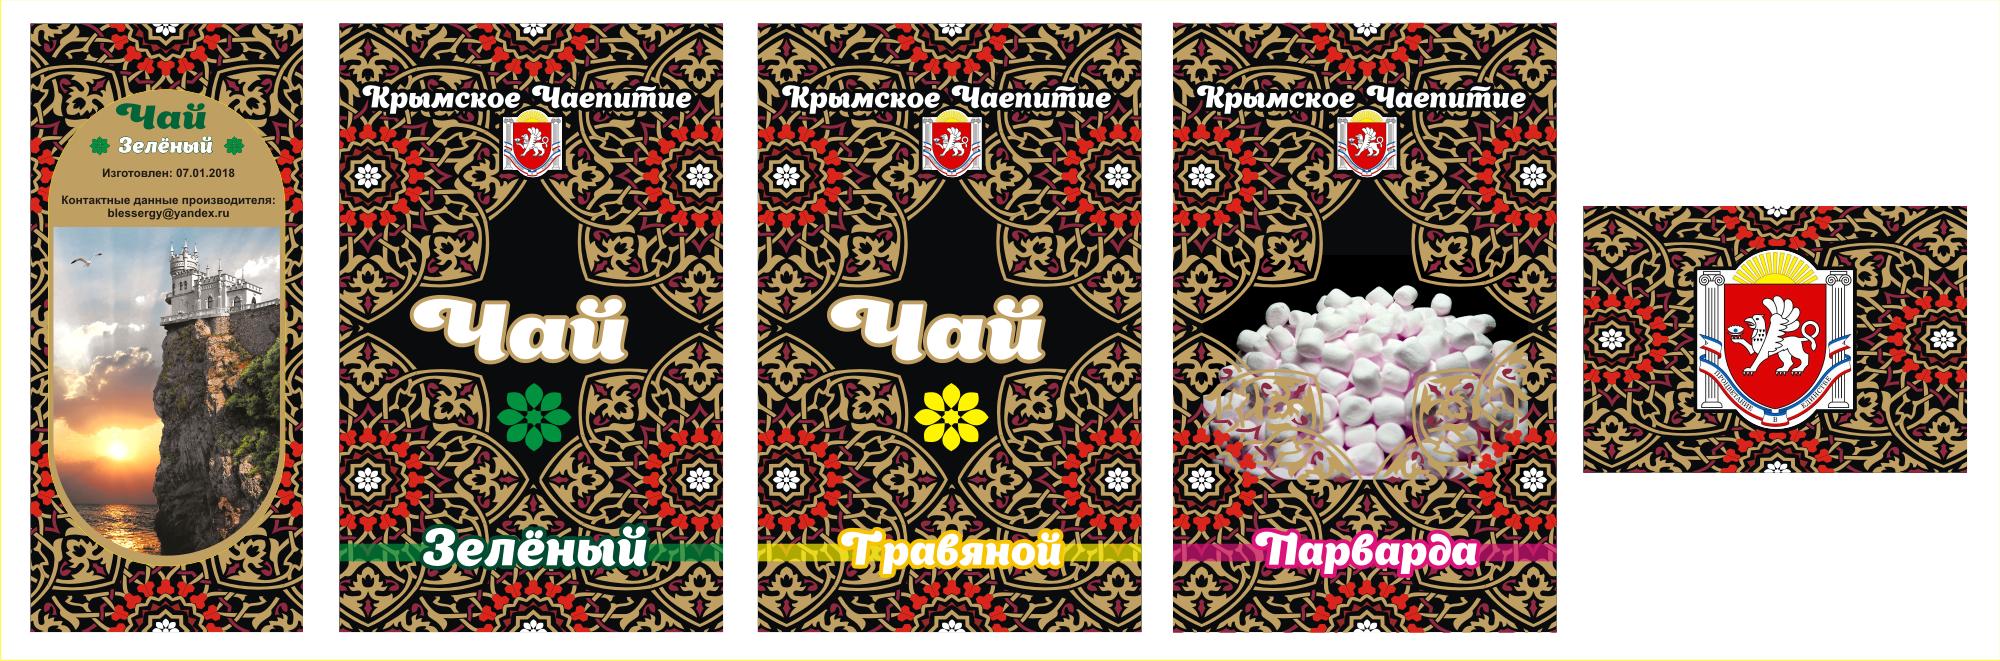 Дизайн подарочной-сувенирной коробки: с чаем и варением фото f_8625a523ca60476a.png